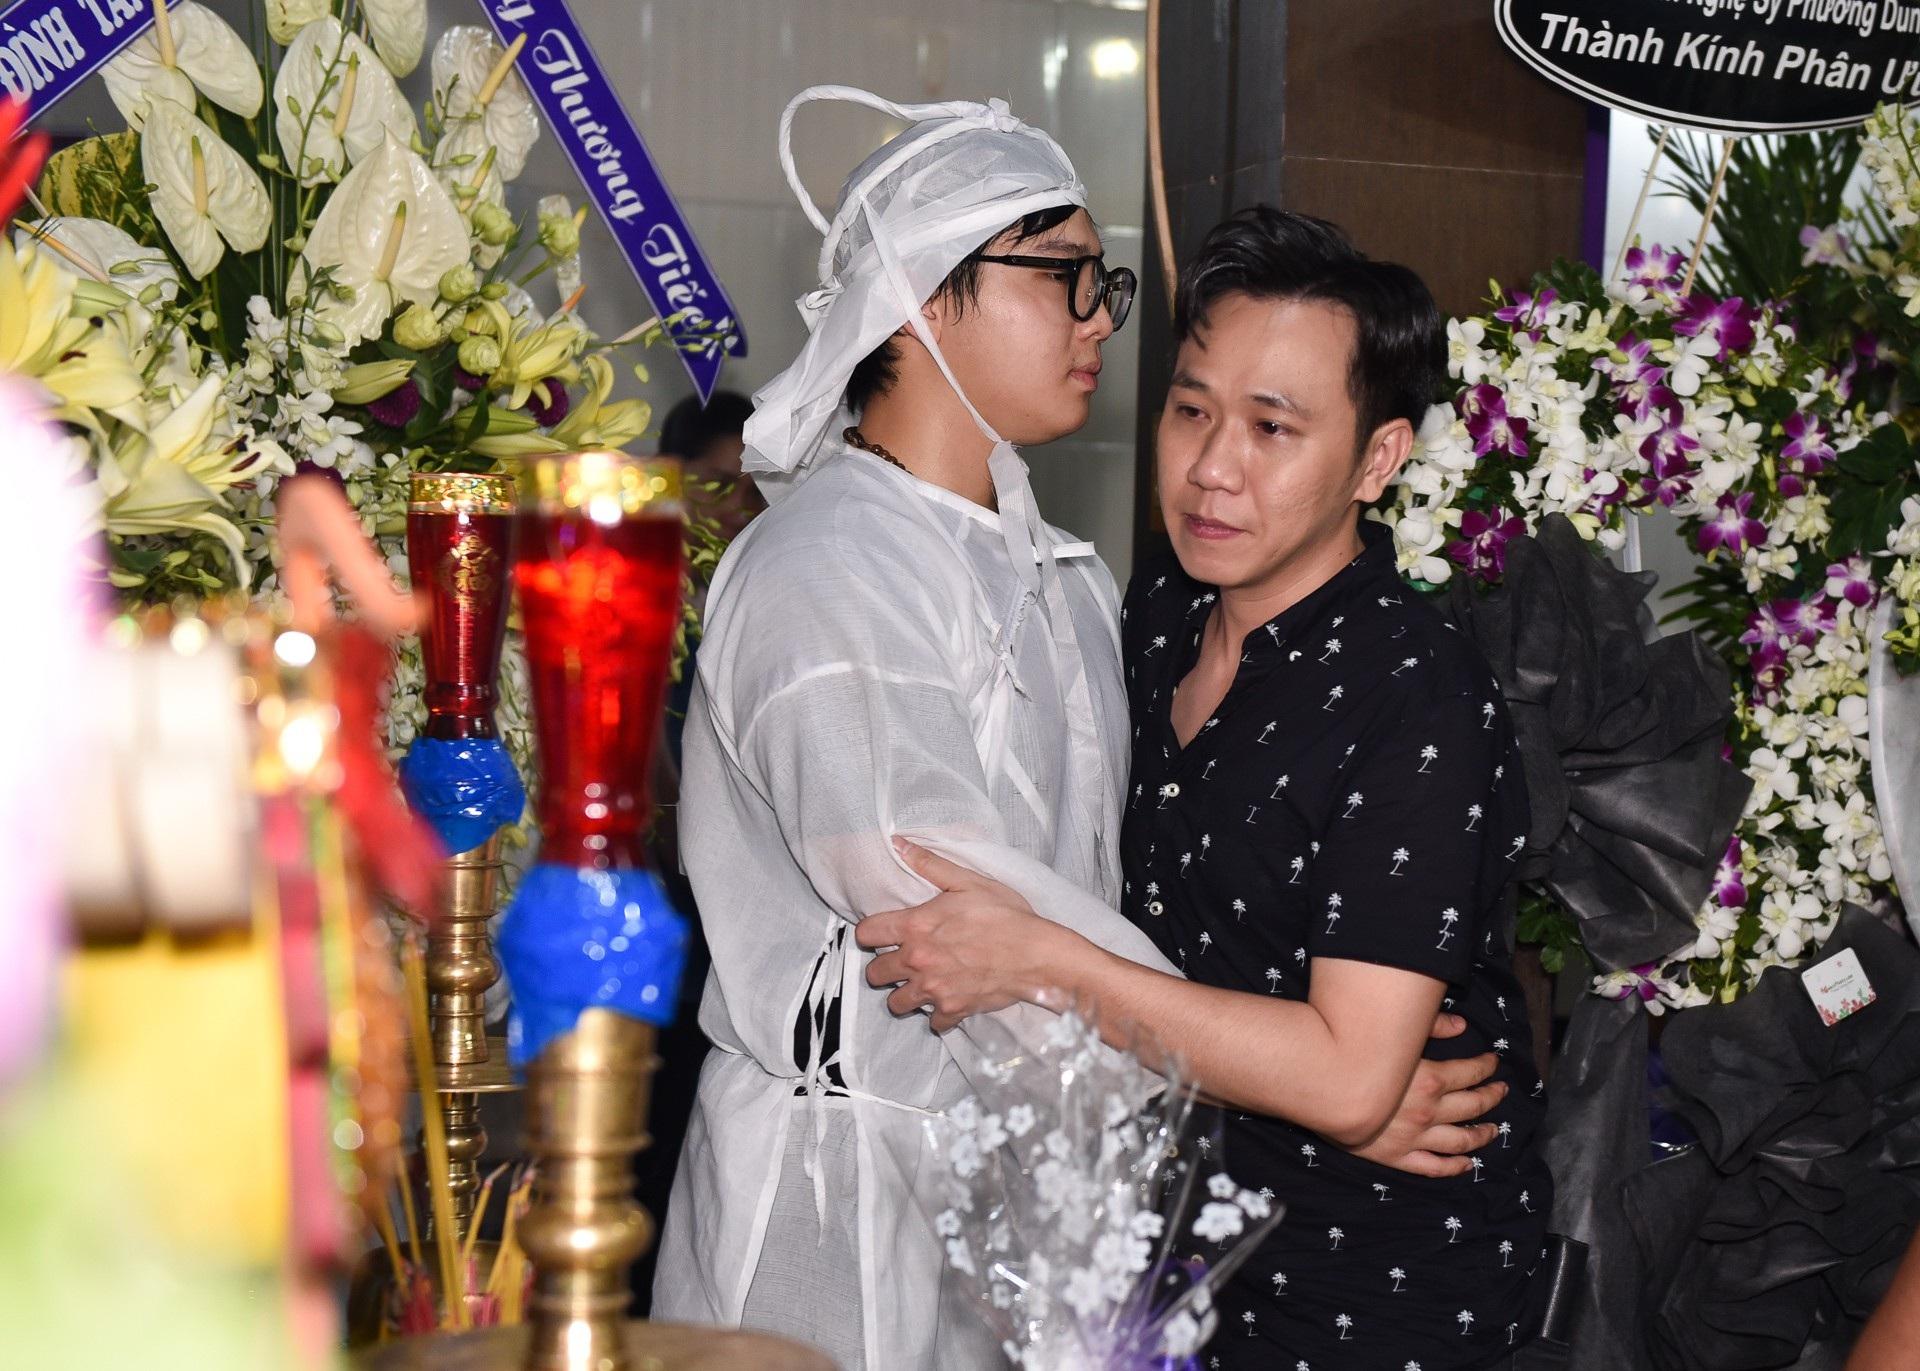 Kim Xuân, Quyền Linh, Anh Đức… xúc động khi đến viếng diễn viên Mạnh Tràng - Ảnh 9.